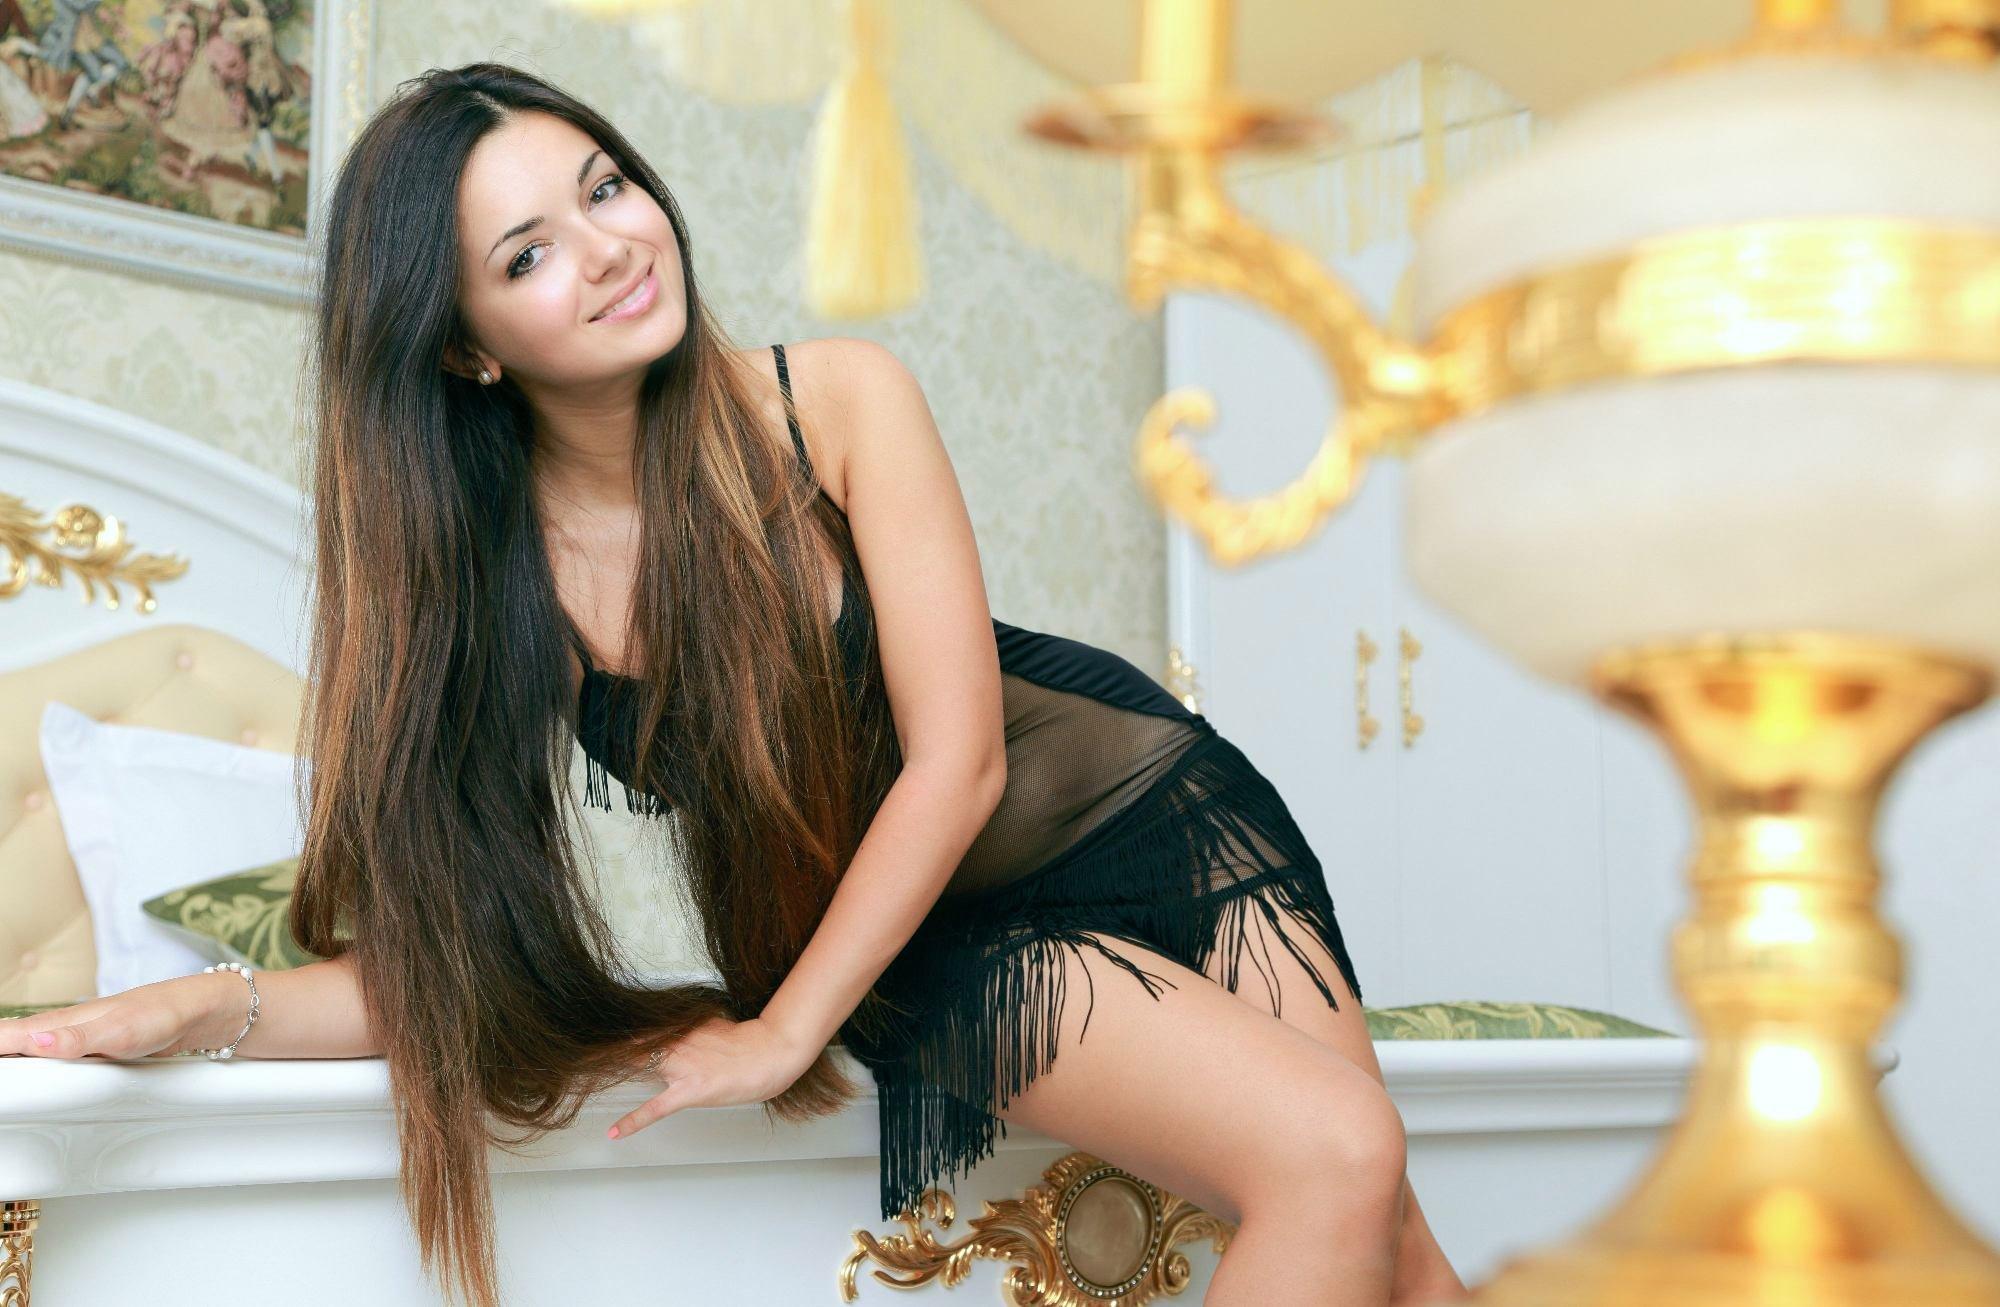 Снять проститутку Оксана, Array, у метро , в районе